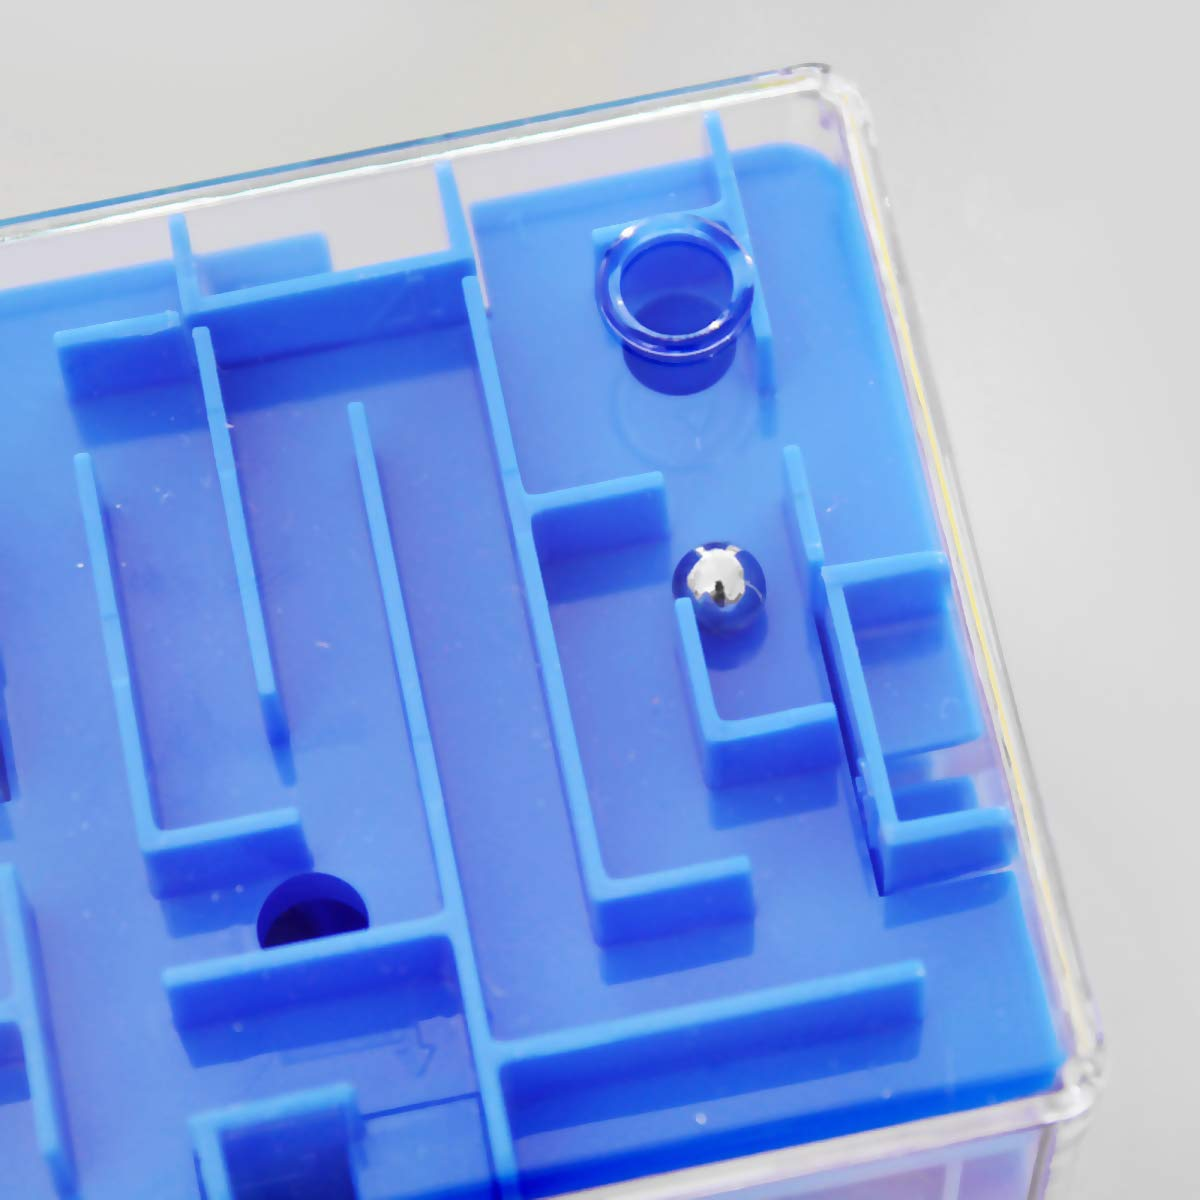 Cubo m/ágico 3D Juguete para Adultos y ni/ños Rosa Rosa 8 x 8 x 8cm Daxoon Cubo de Laberinto Rompecabezas secuencial Rompecabezas de Cerebro